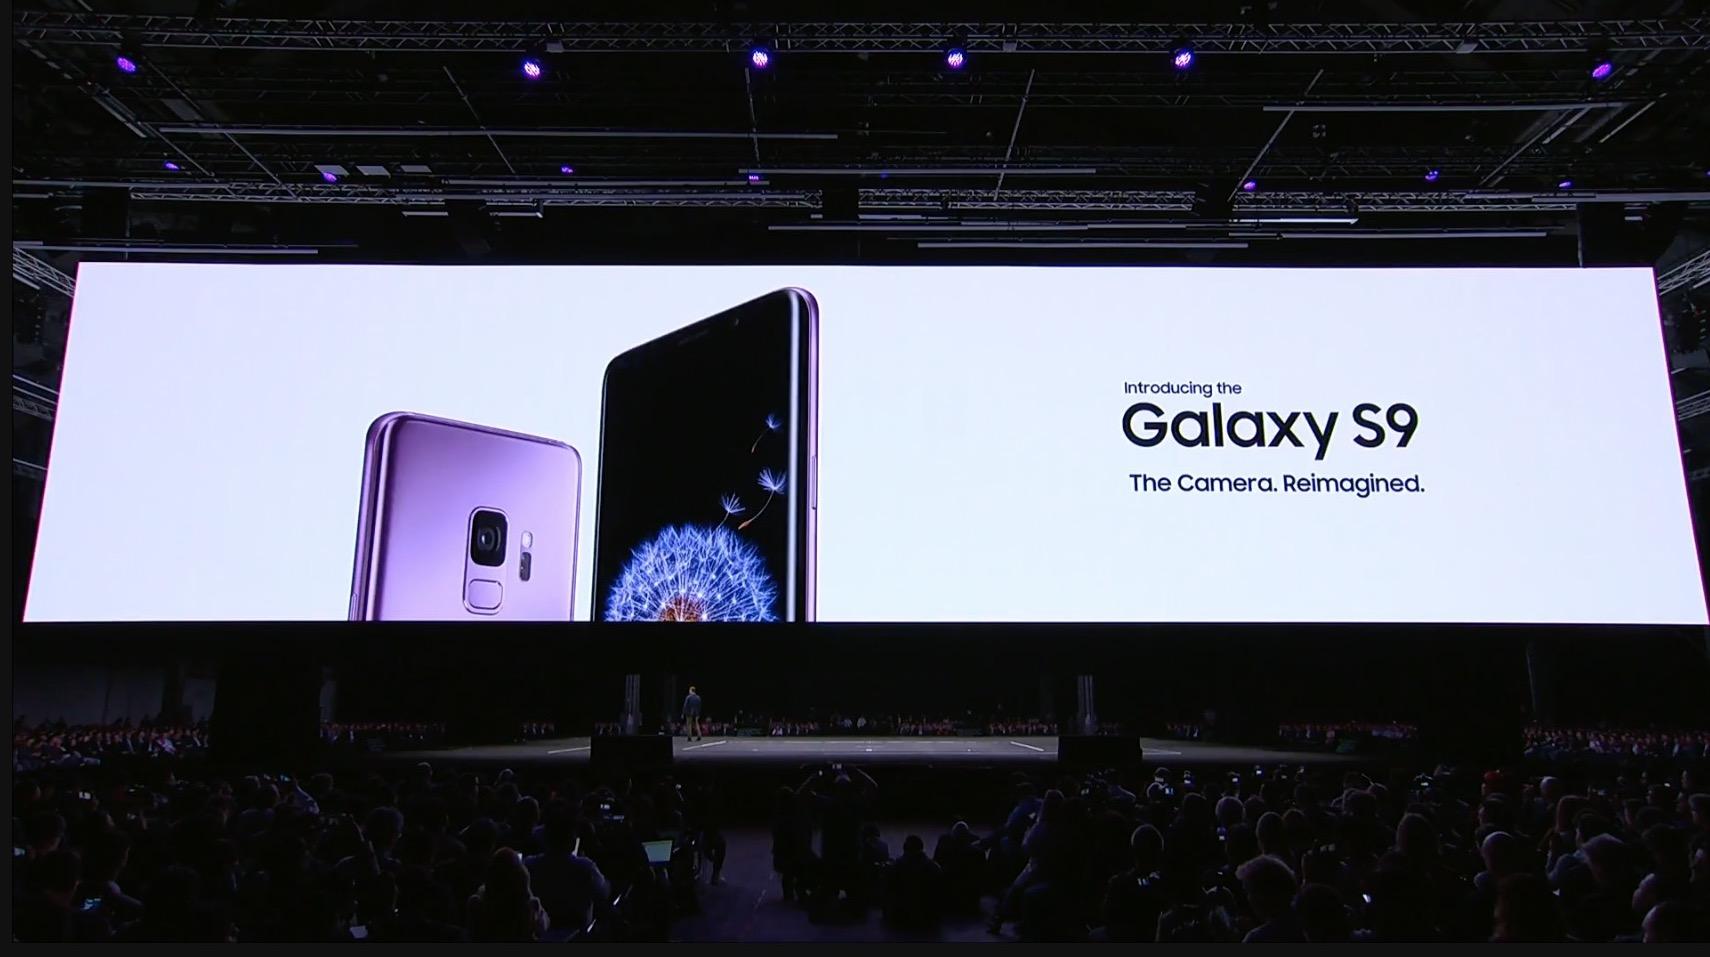 Samsung chính thức giới thiệu bộ đôi Galaxy S9 và S9 Plus, nâng cấp mạnh về camera và AI, giá từ 16.300.000 VNĐ